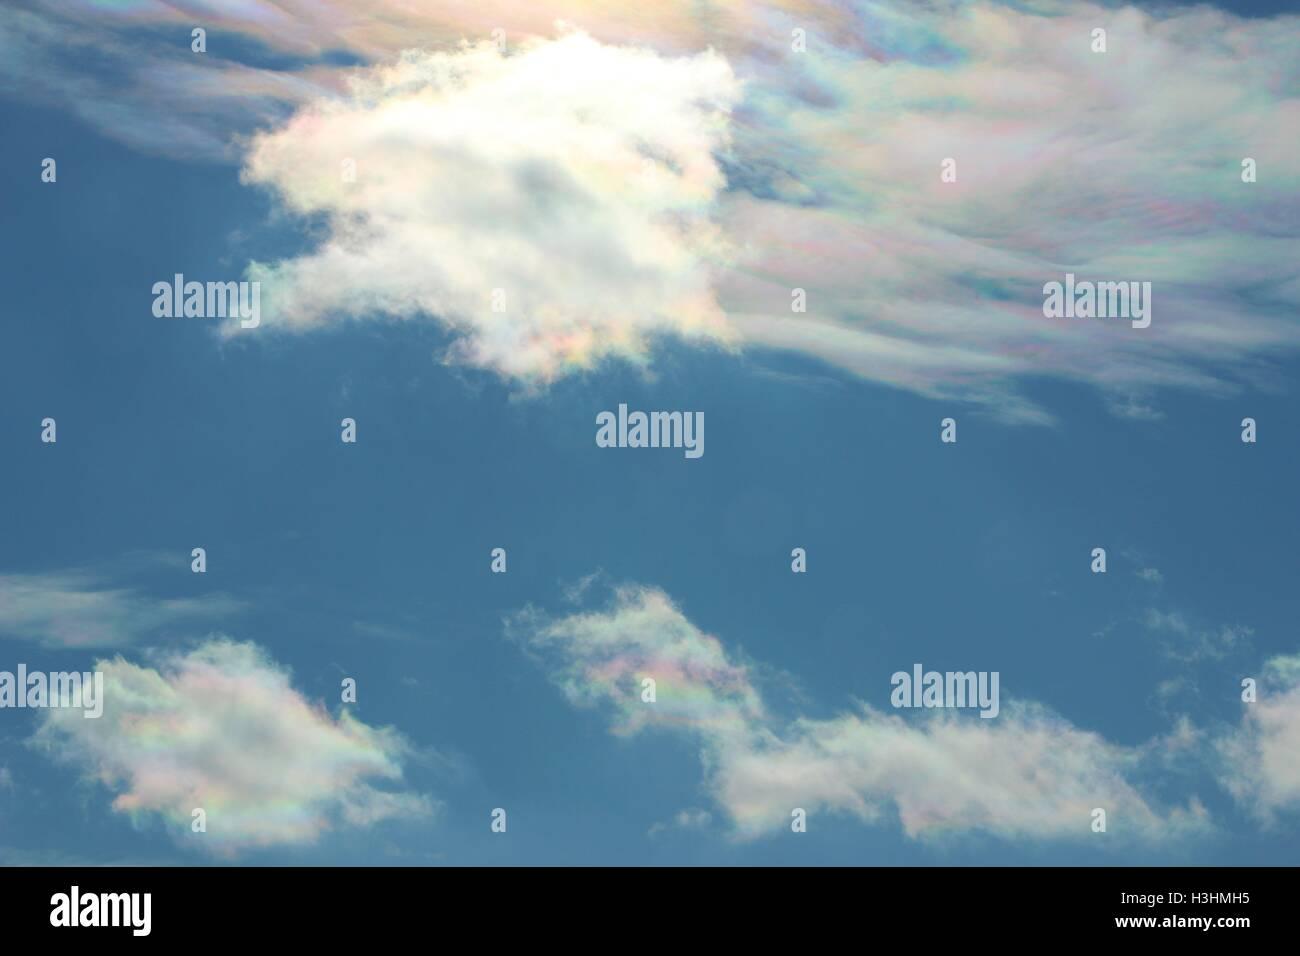 Wispy Regenbogen Wolken in einem kalten blauen Winterhimmel Stockbild